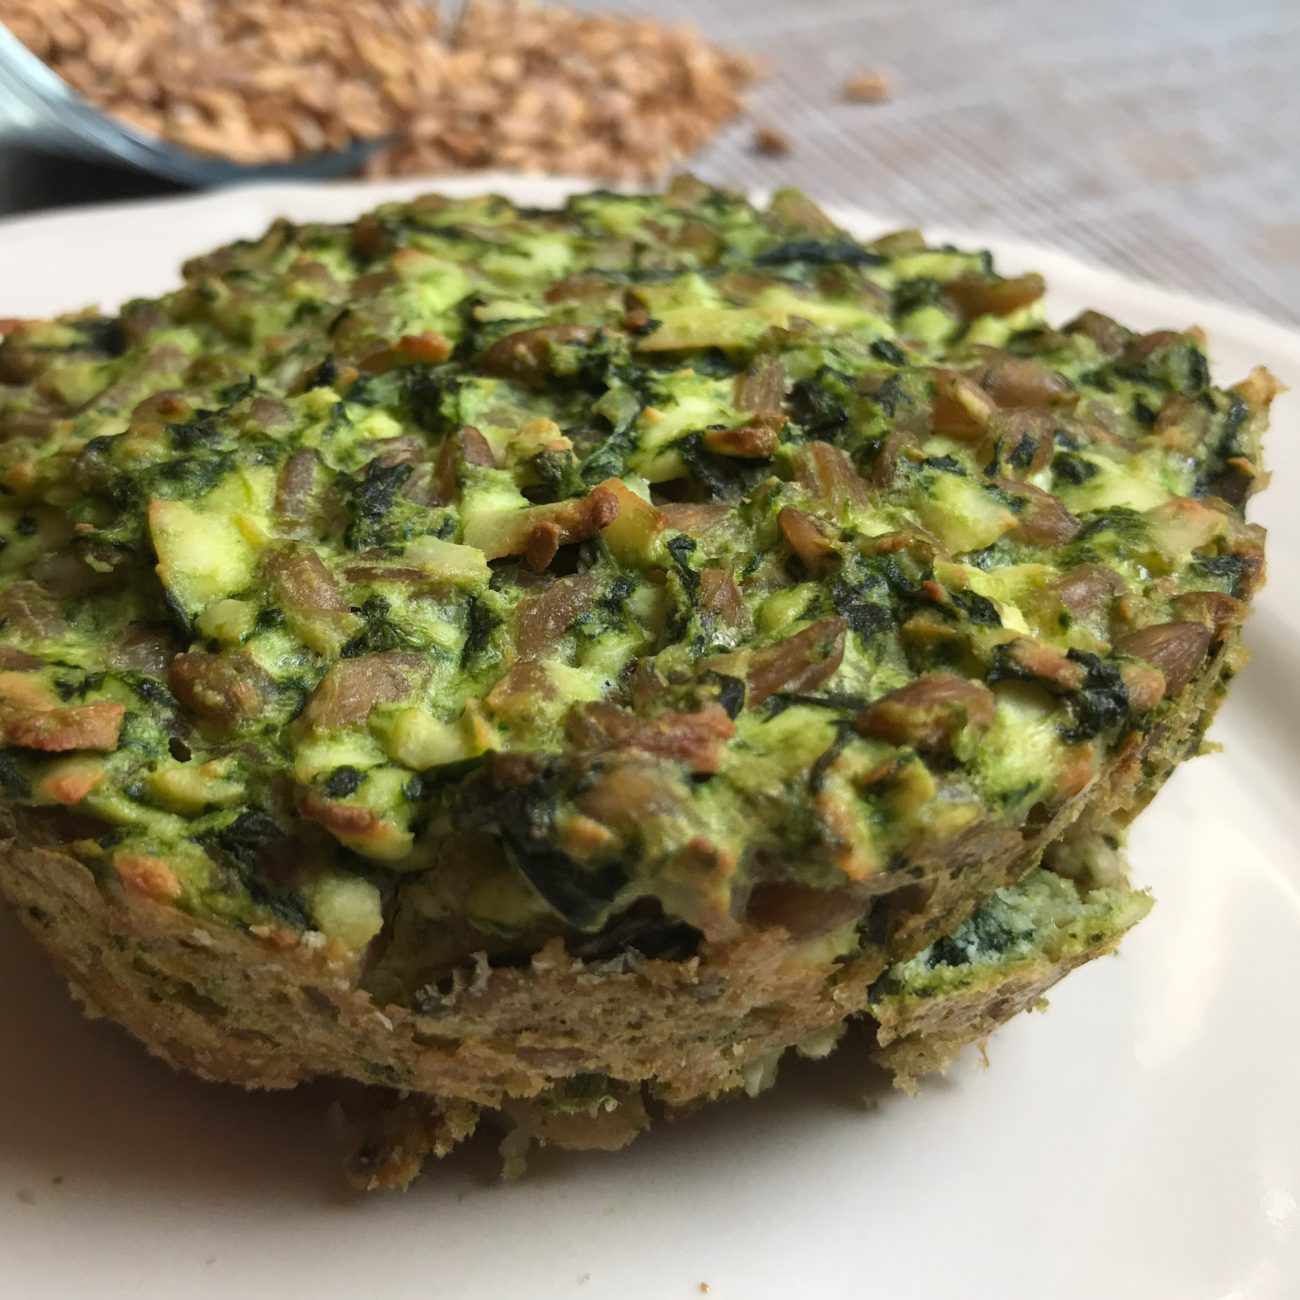 Flan al farro e spinaci: la cucina adatta al diabete